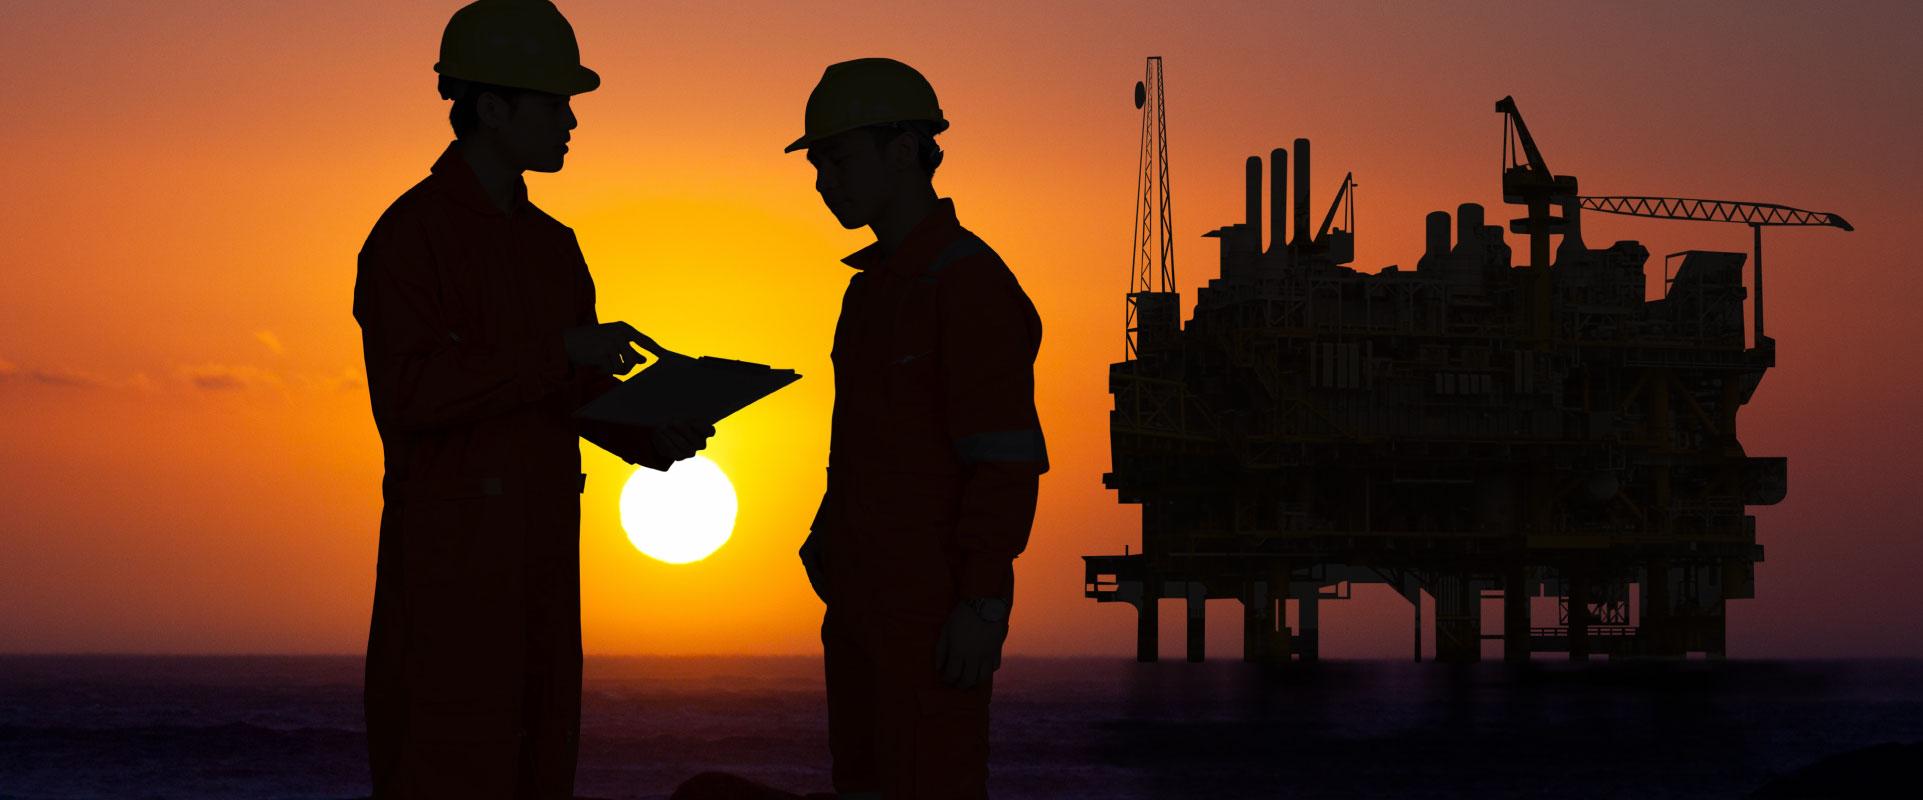 وضعیت در هم ریخته قیمت نفت همزمان با به بن بست رسیدن مذاکرات چین و ایالات متحده